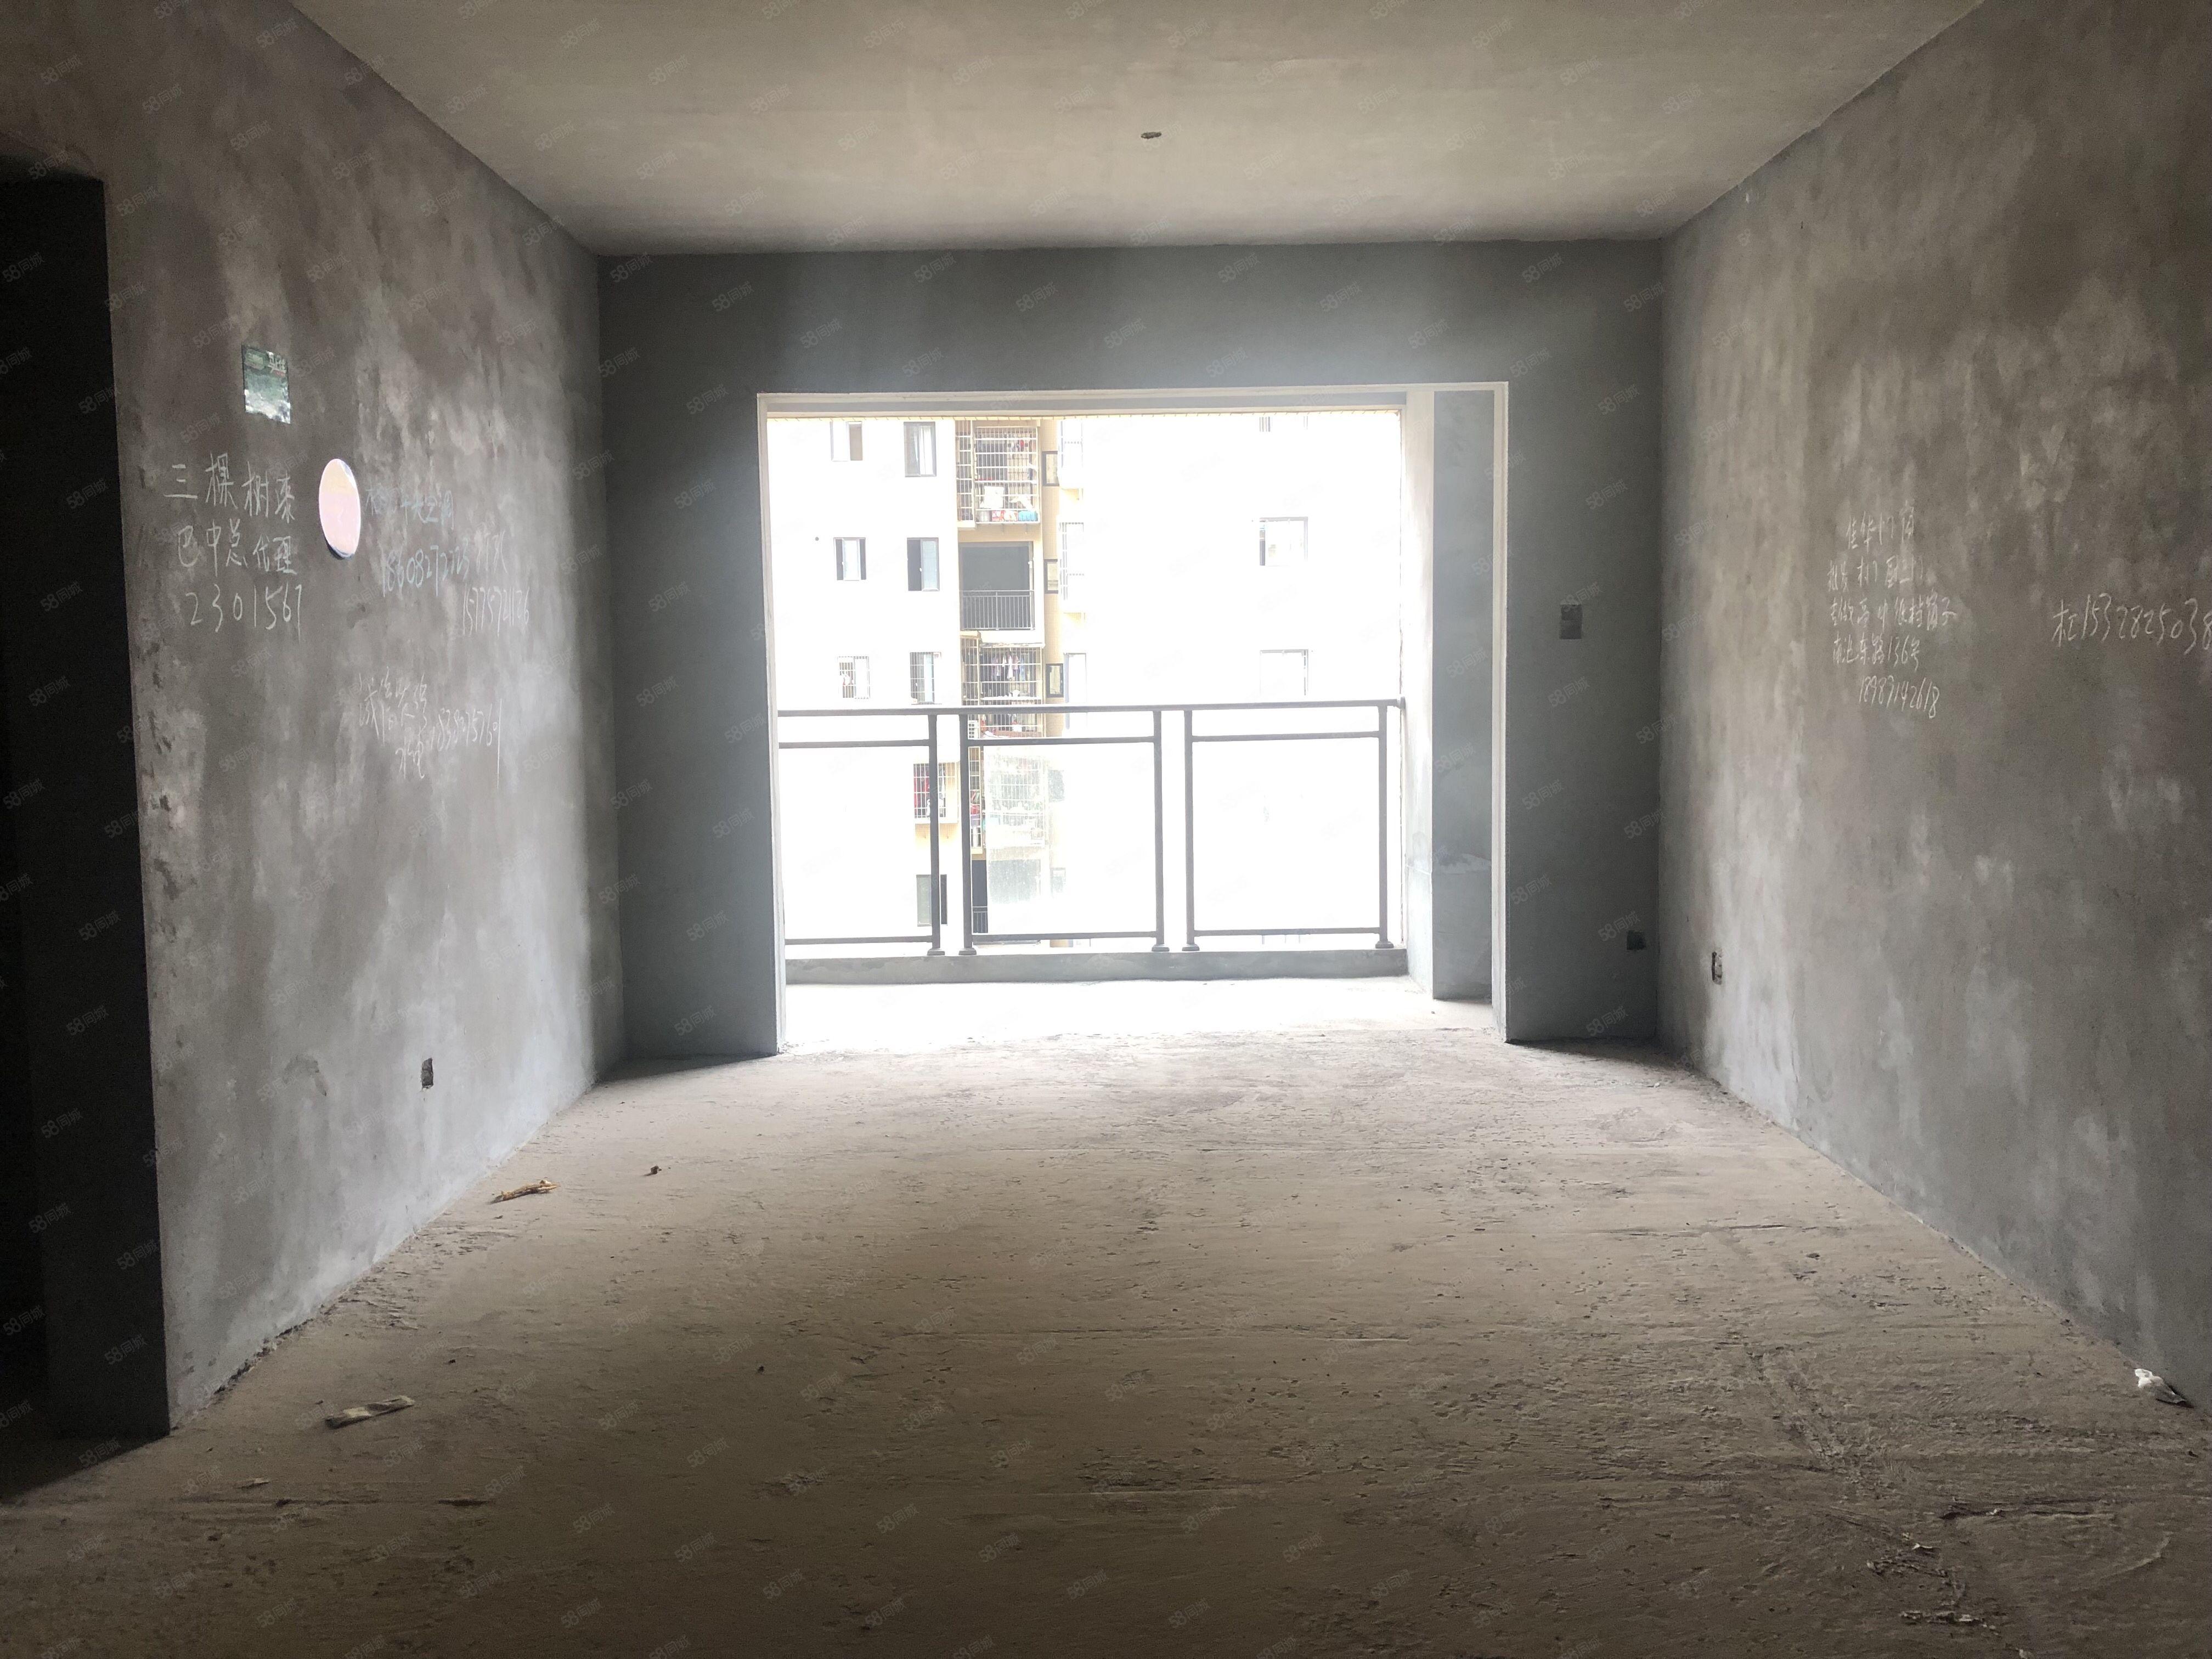 城南华府三居室可按揭先到先得随时看房优雅户型